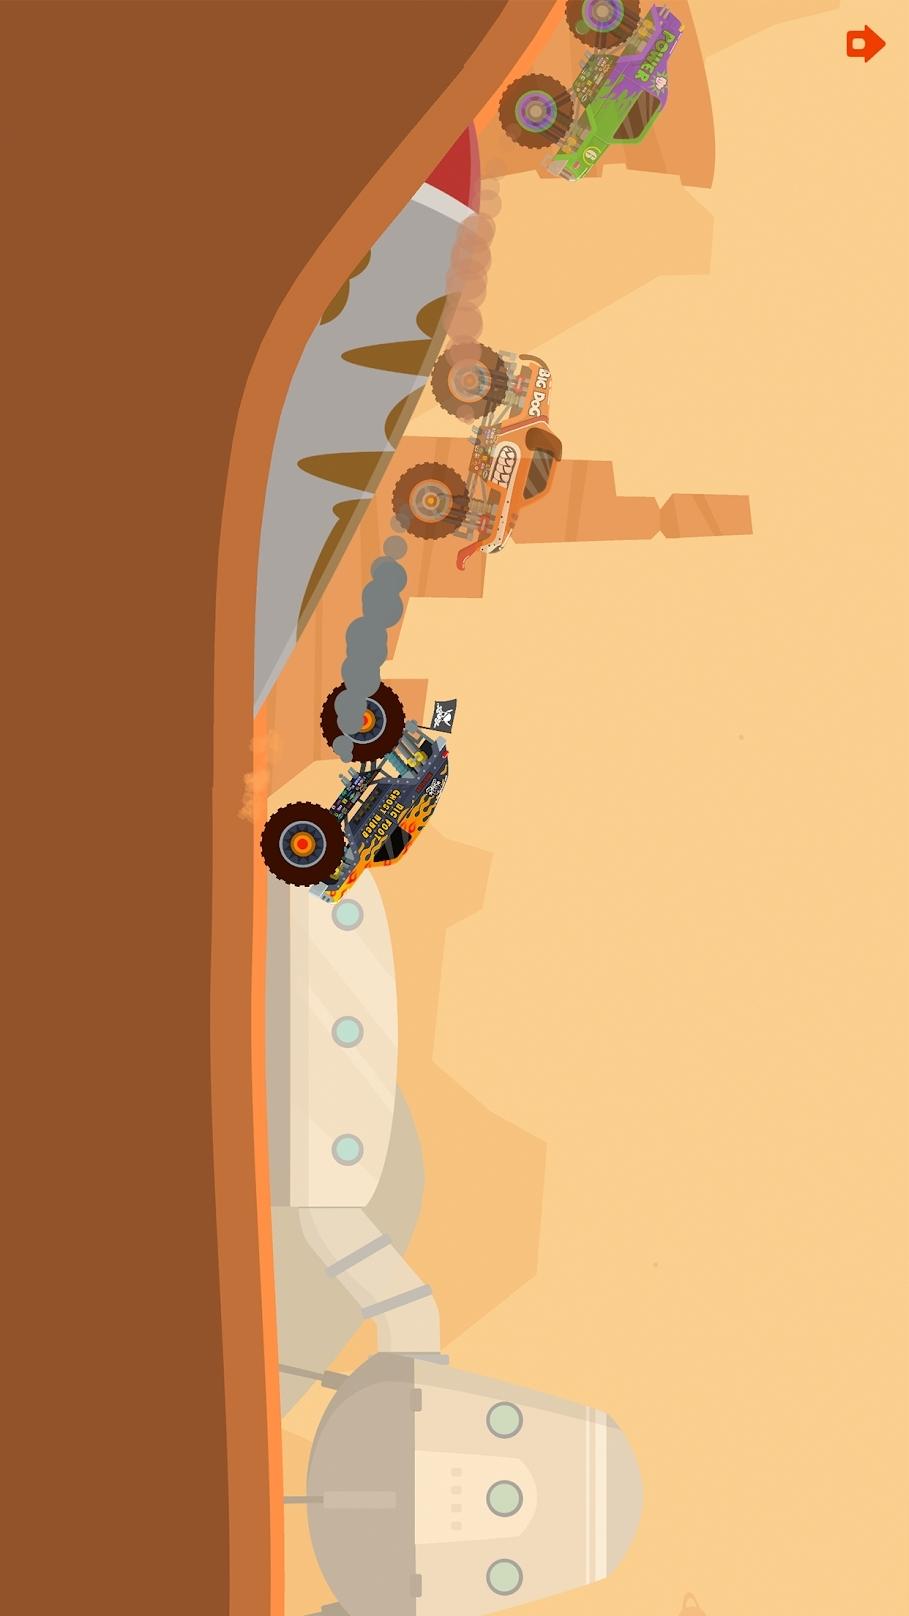 大脚车总动员游戏截图